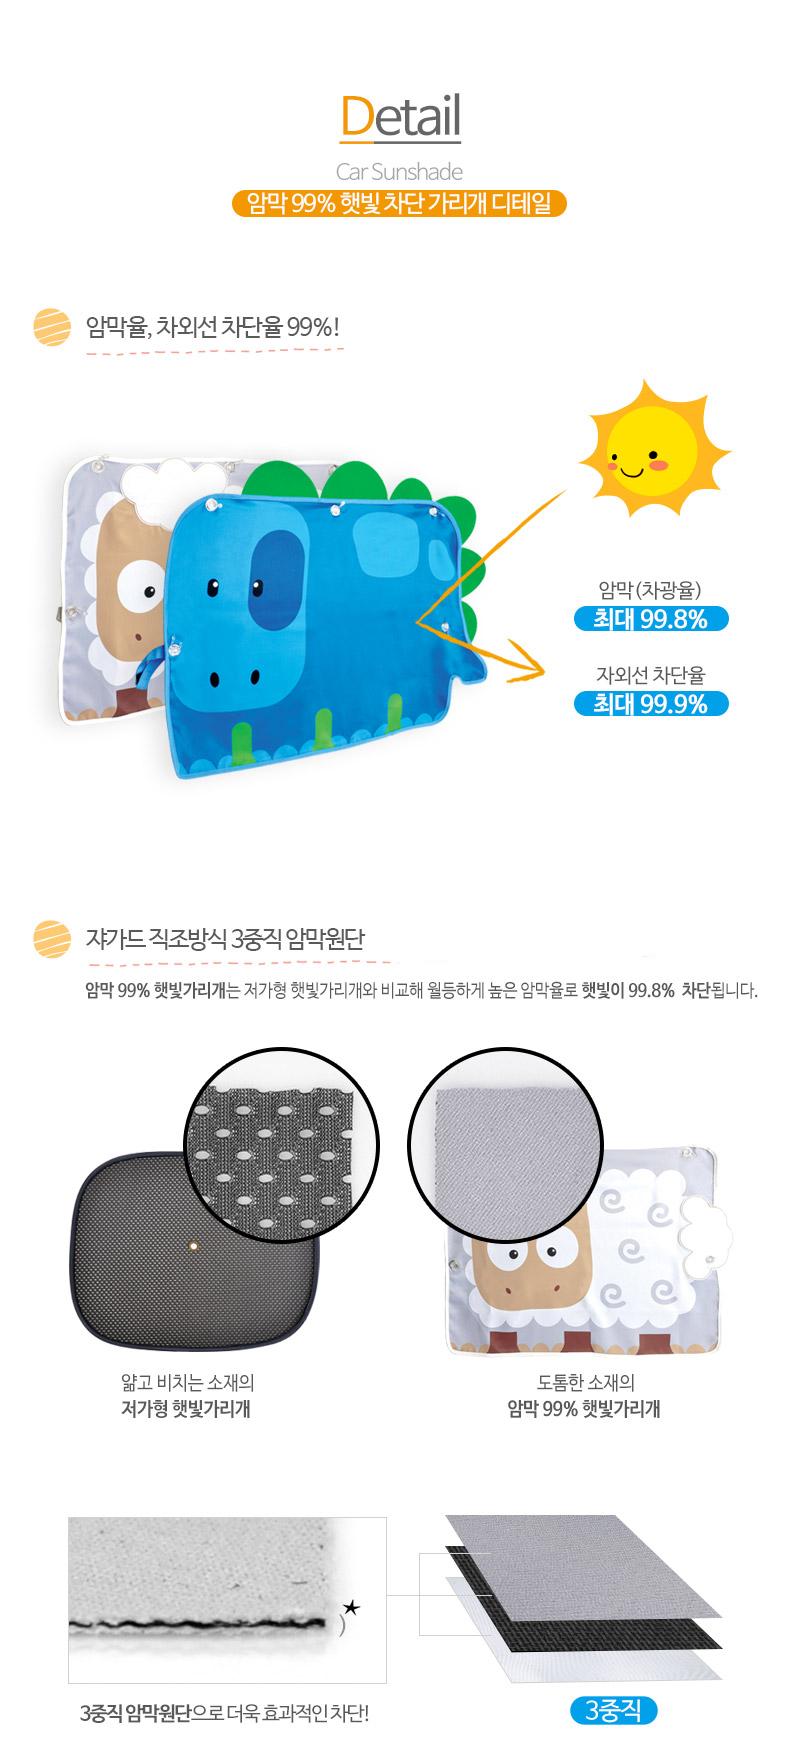 암막형 햇빛차단 3D입체형 캐릭터 차량용햇빛가리개 - 훠링, 9,200원, 카인테리어, 햇빛가리개